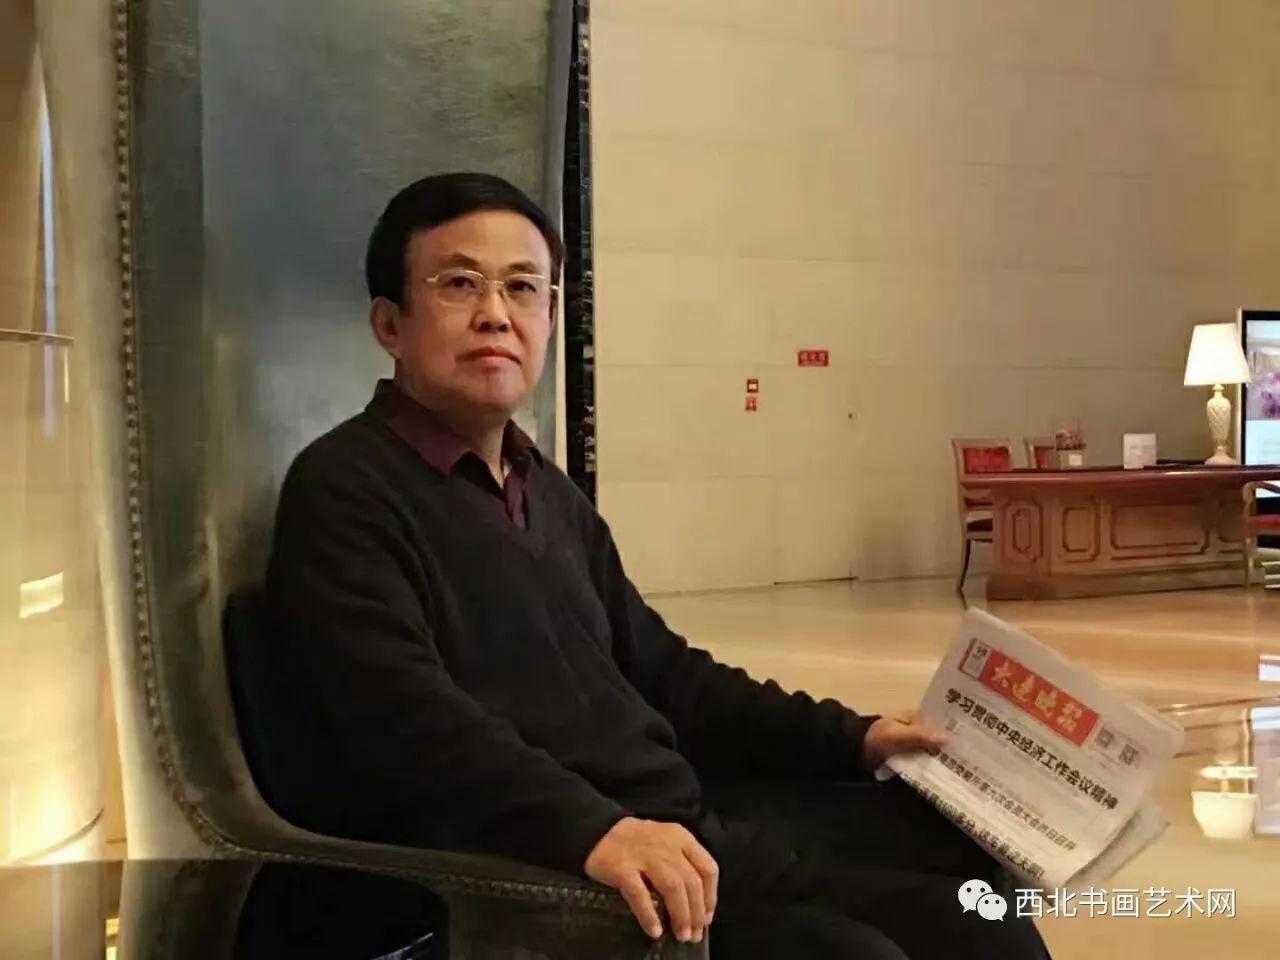 西北书画艺术网向您推荐:著名画家刘宝平 第1张